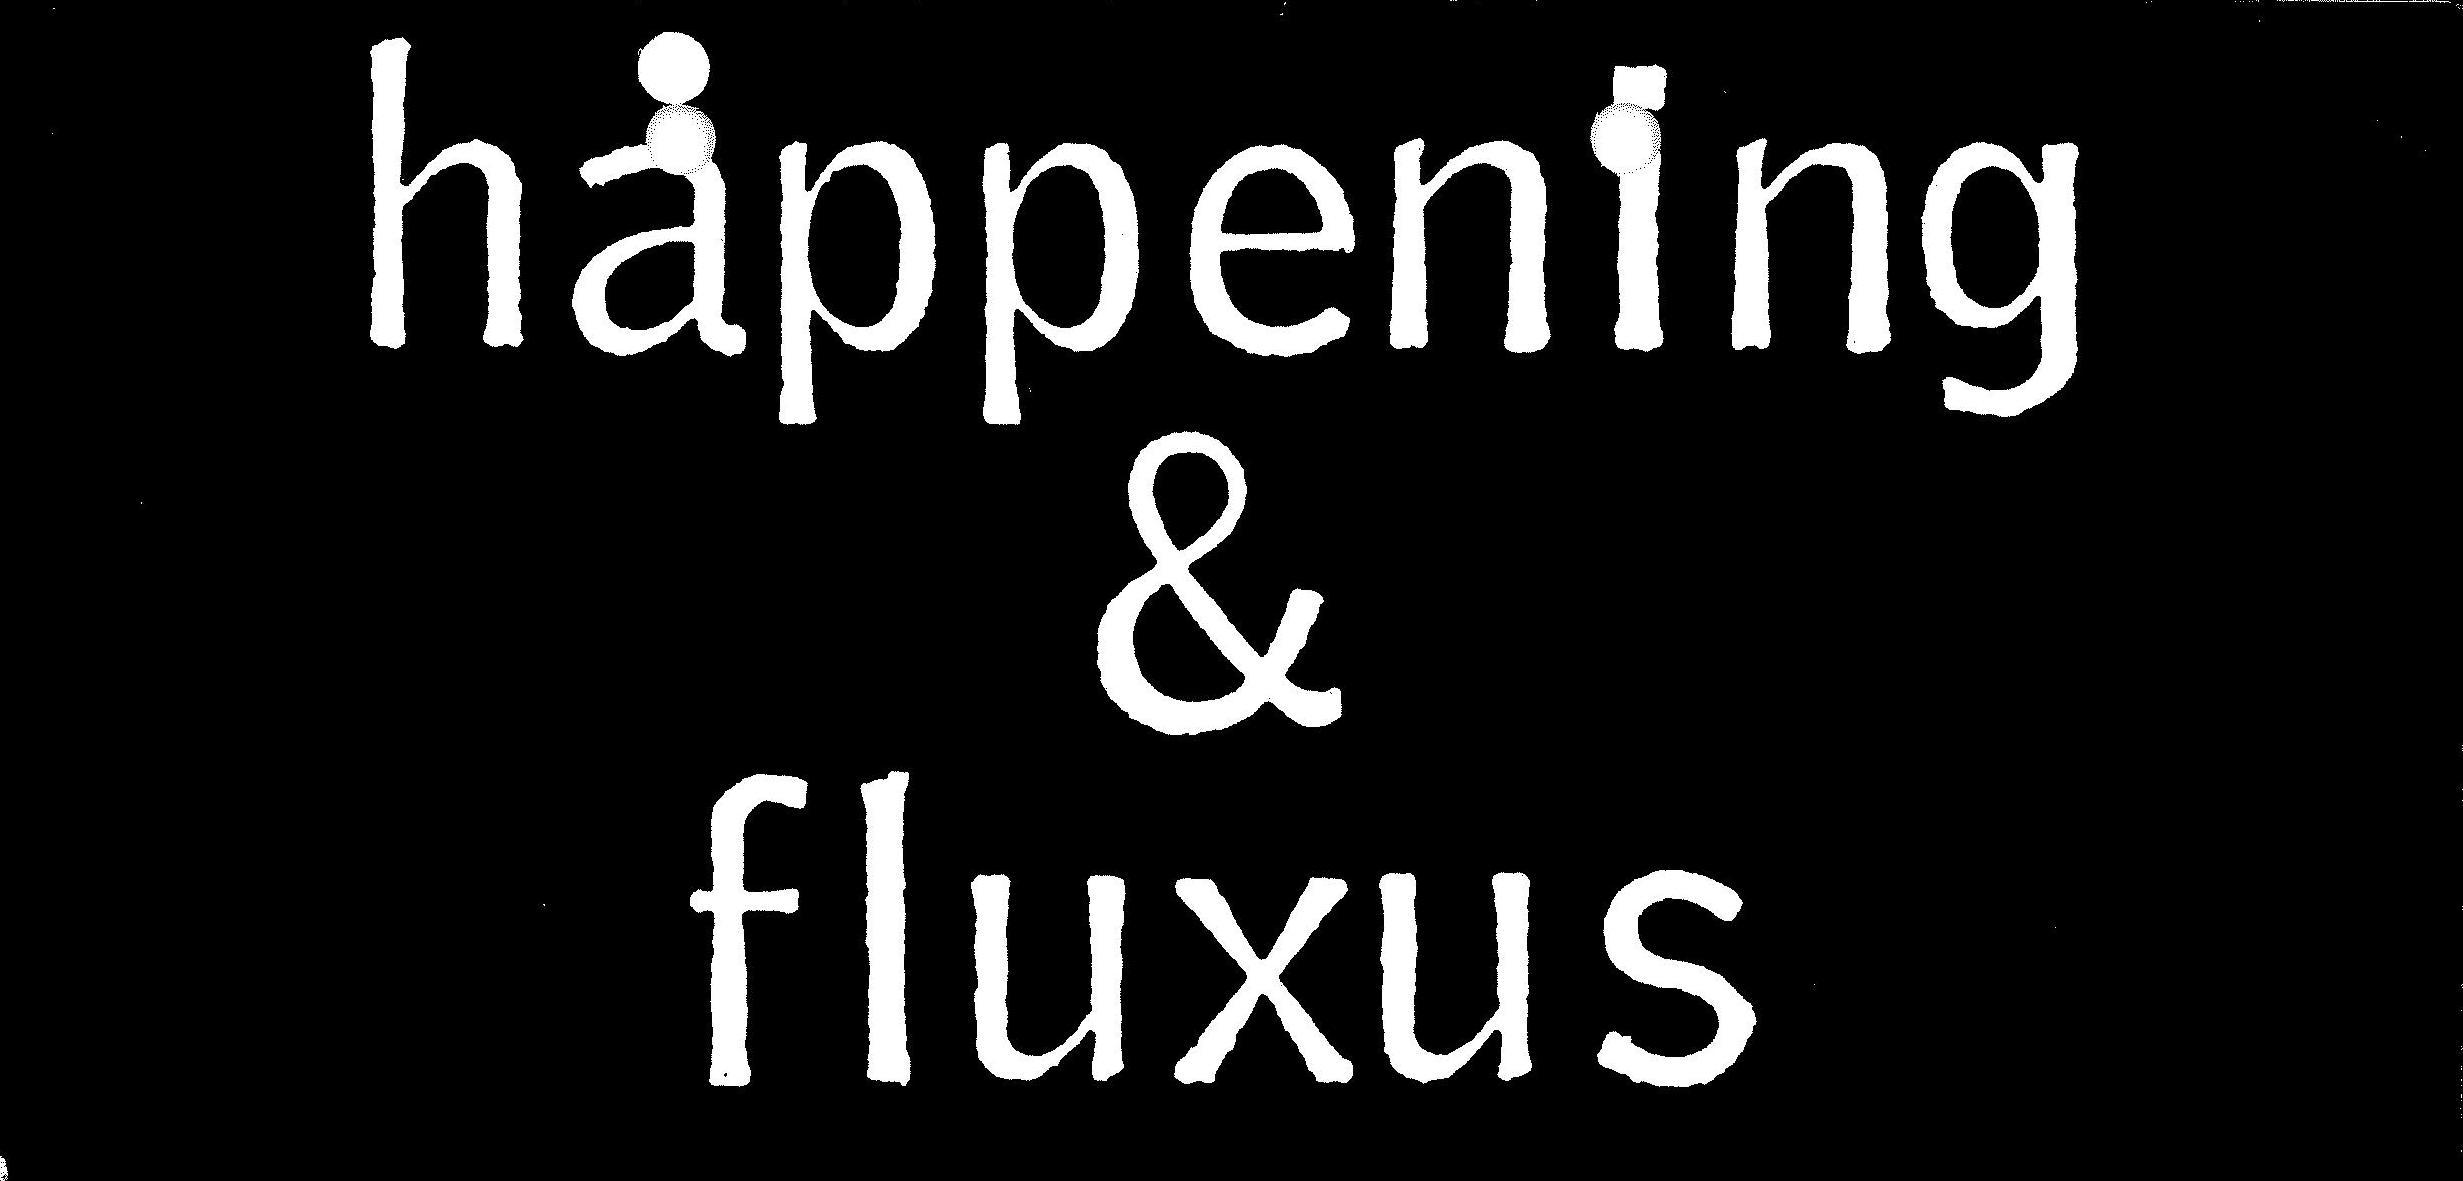 FLUXUS & HAPPENING, Kölnischer Kunstverein 1970 (invitation); Archiv der Avantgarden, Staatliche Kunstsammlungen Dresden